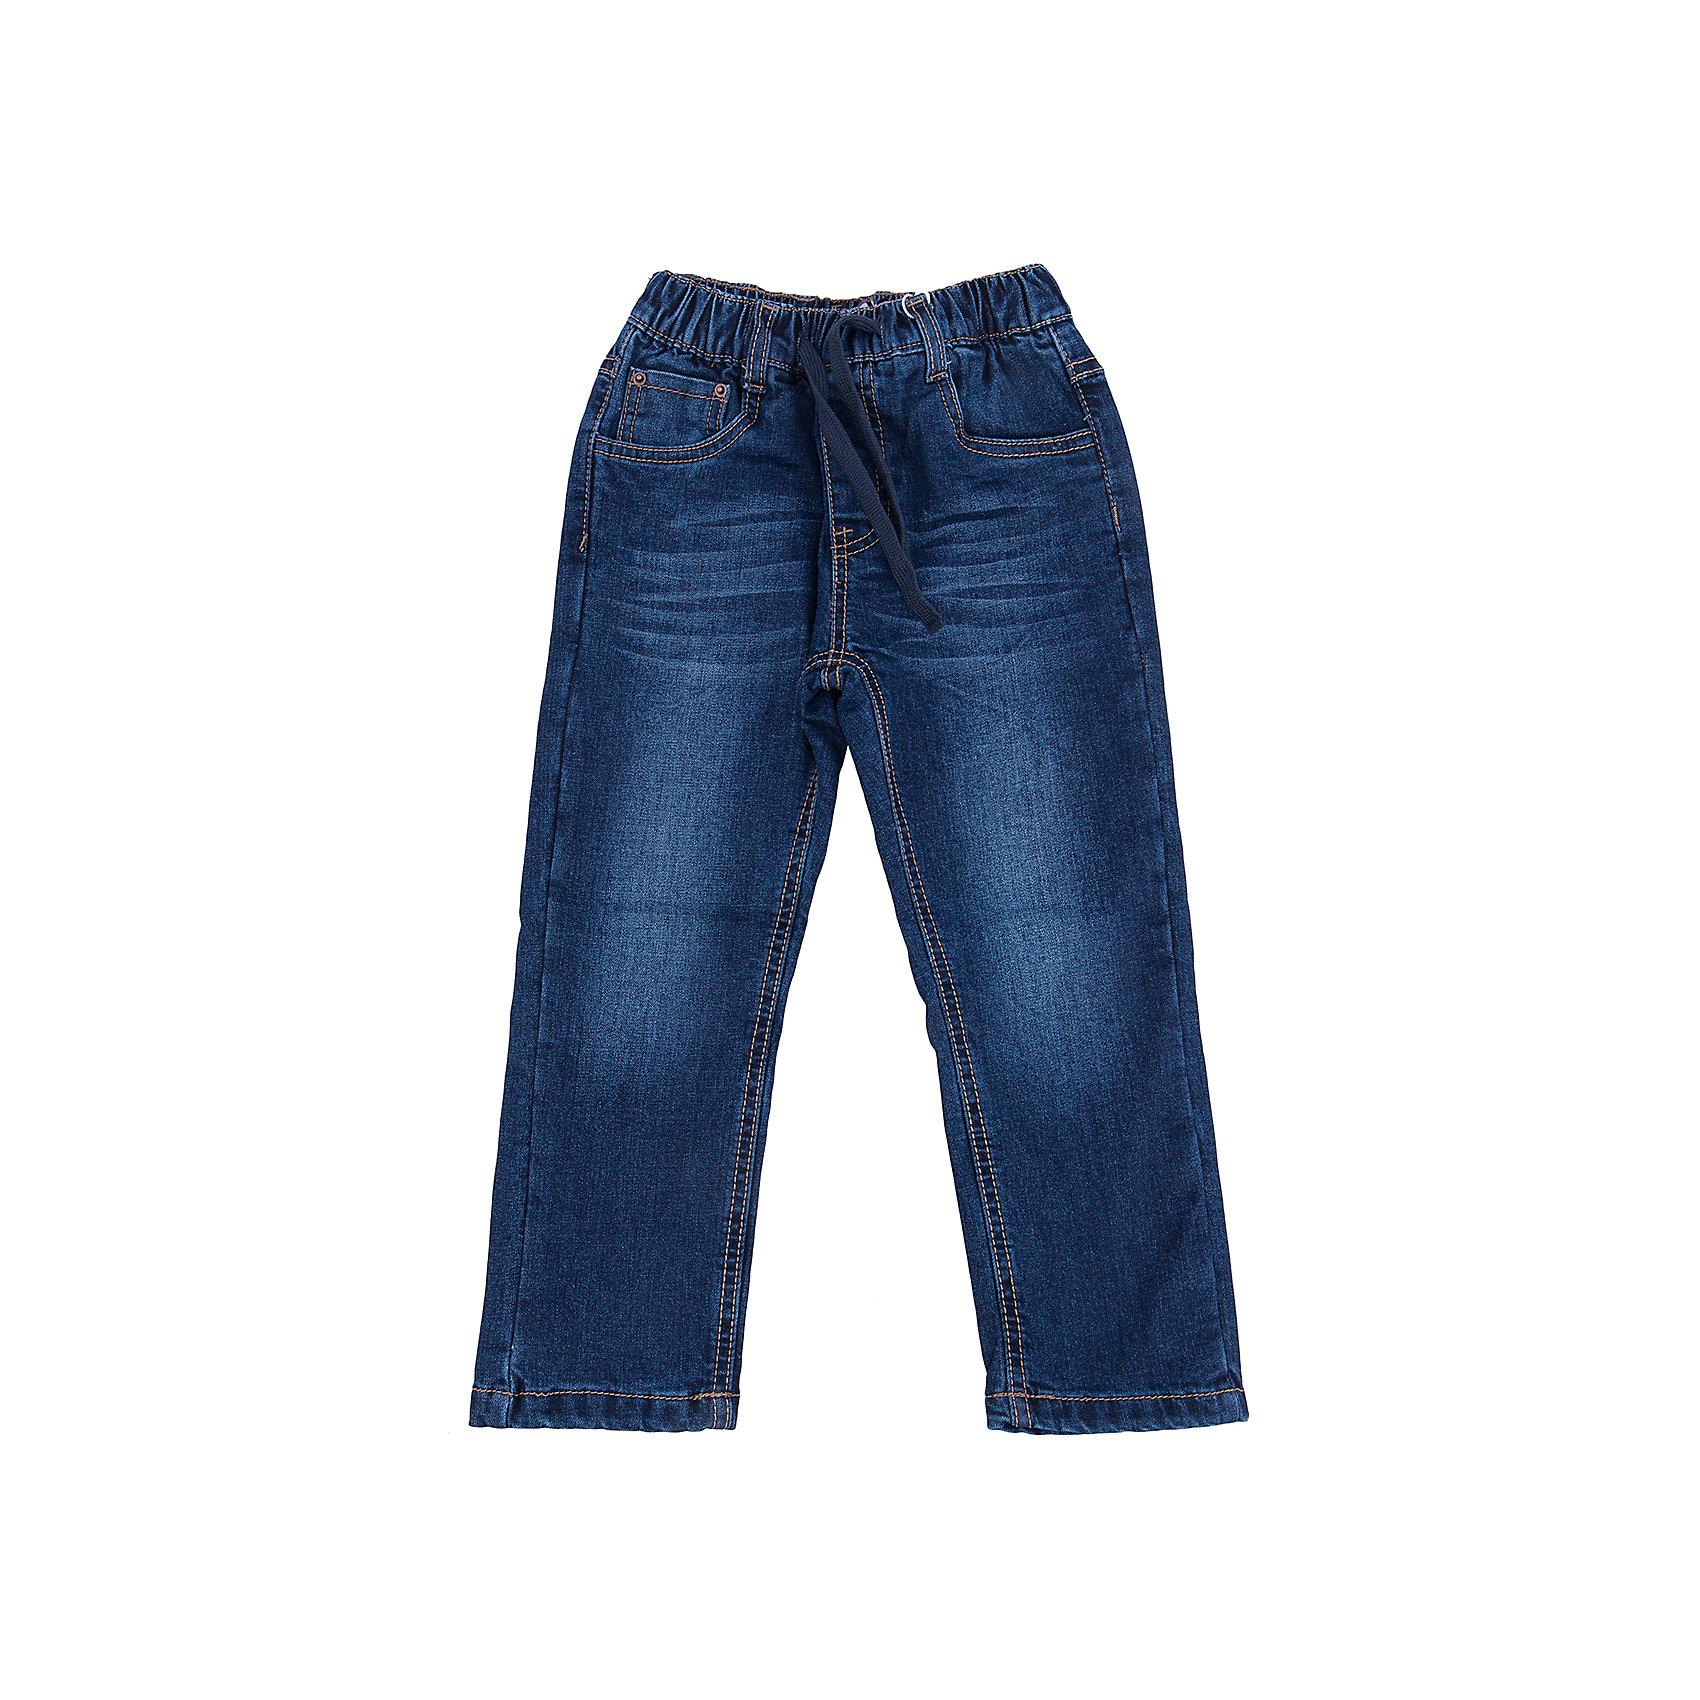 Джинсы для мальчика Sweet BerryДжинсы<br>Такая модель джинсов для мальчика отличается модным дизайном с контрастной прострочкой. Удачный крой обеспечит ребенку комфорт и тепло. Мягкая и теплая хлопковая подкладка делает вещь идеальной для прохладной погоды. Она плотно прилегает к телу там, где нужно, и отлично сидит по фигуре. Джинсы имеют удобный пояс на резинке. Натуральный хлопок обеспечит коже возможность дышать и не вызовет аллергии.<br>Одежда от бренда Sweet Berry - это простой и выгодный способ одеть ребенка удобно и стильно. Всё изделия тщательно проработаны: швы - прочные, материал - качественный, фурнитура - подобранная специально для детей. <br><br>Дополнительная информация:<br><br>цвет: синий;<br>имитация потертостей;<br>материал: 100% хлопок, подкладка - 100% хлопок;<br>внутри на поясе - резинка, шнурок.<br><br>Джинсы для мальчика от бренда Sweet Berry можно купить в нашем интернет-магазине.<br><br>Ширина мм: 215<br>Глубина мм: 88<br>Высота мм: 191<br>Вес г: 336<br>Цвет: синий<br>Возраст от месяцев: 24<br>Возраст до месяцев: 36<br>Пол: Мужской<br>Возраст: Детский<br>Размер: 98,104,110,116,122,128<br>SKU: 4930487